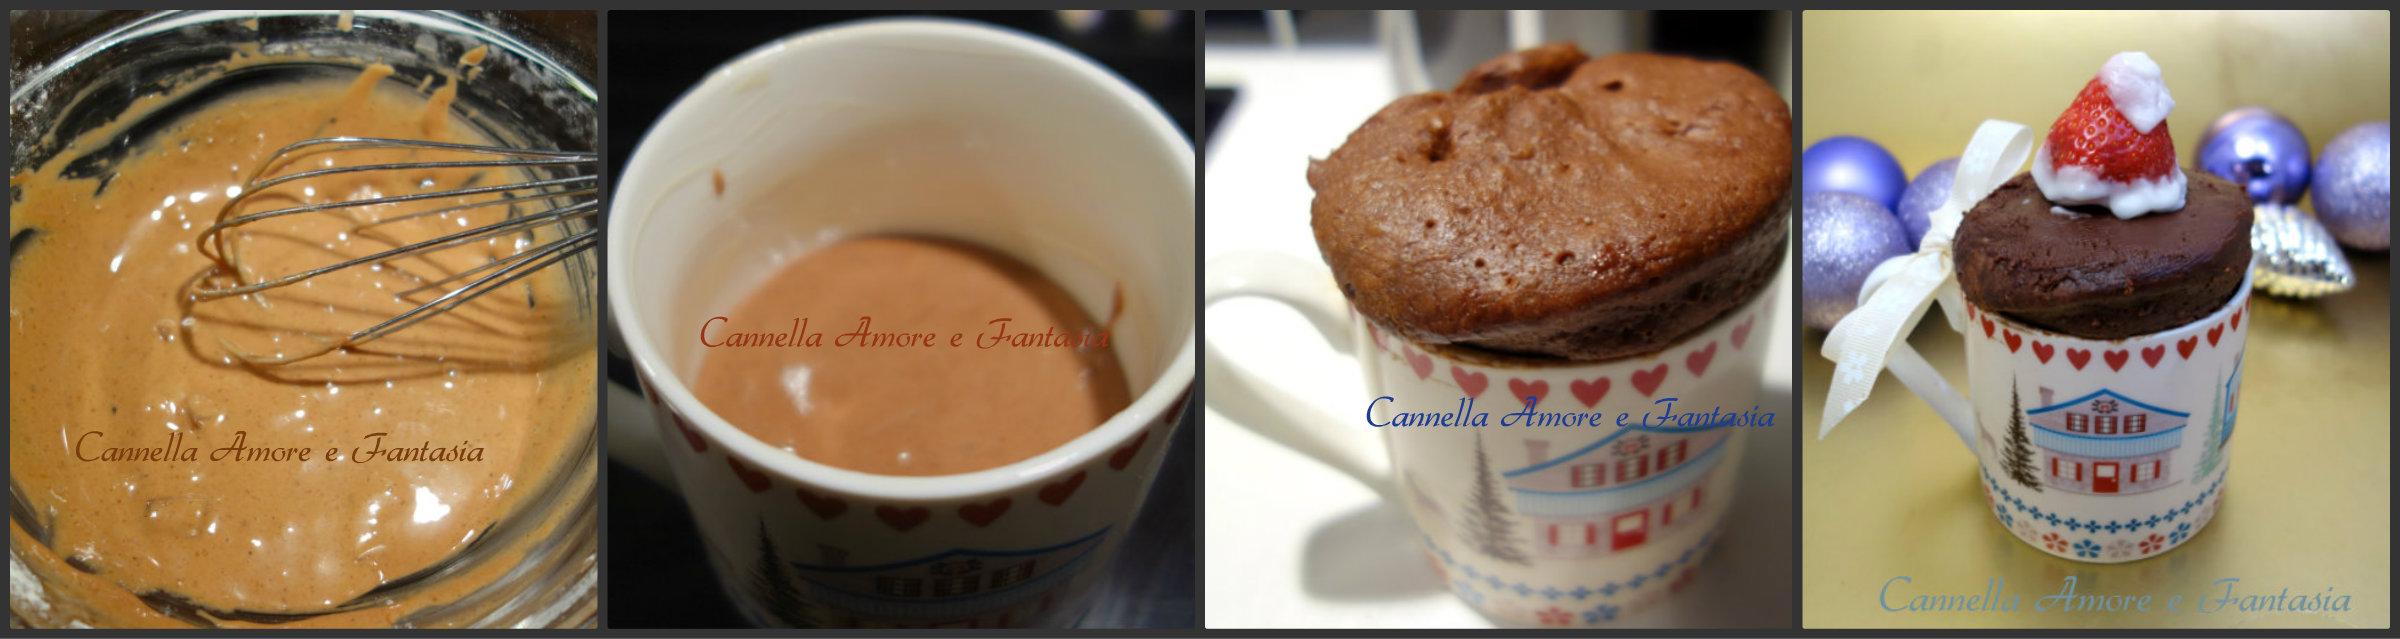 Mug kake Natalizia al doppio cioccolato collage finito